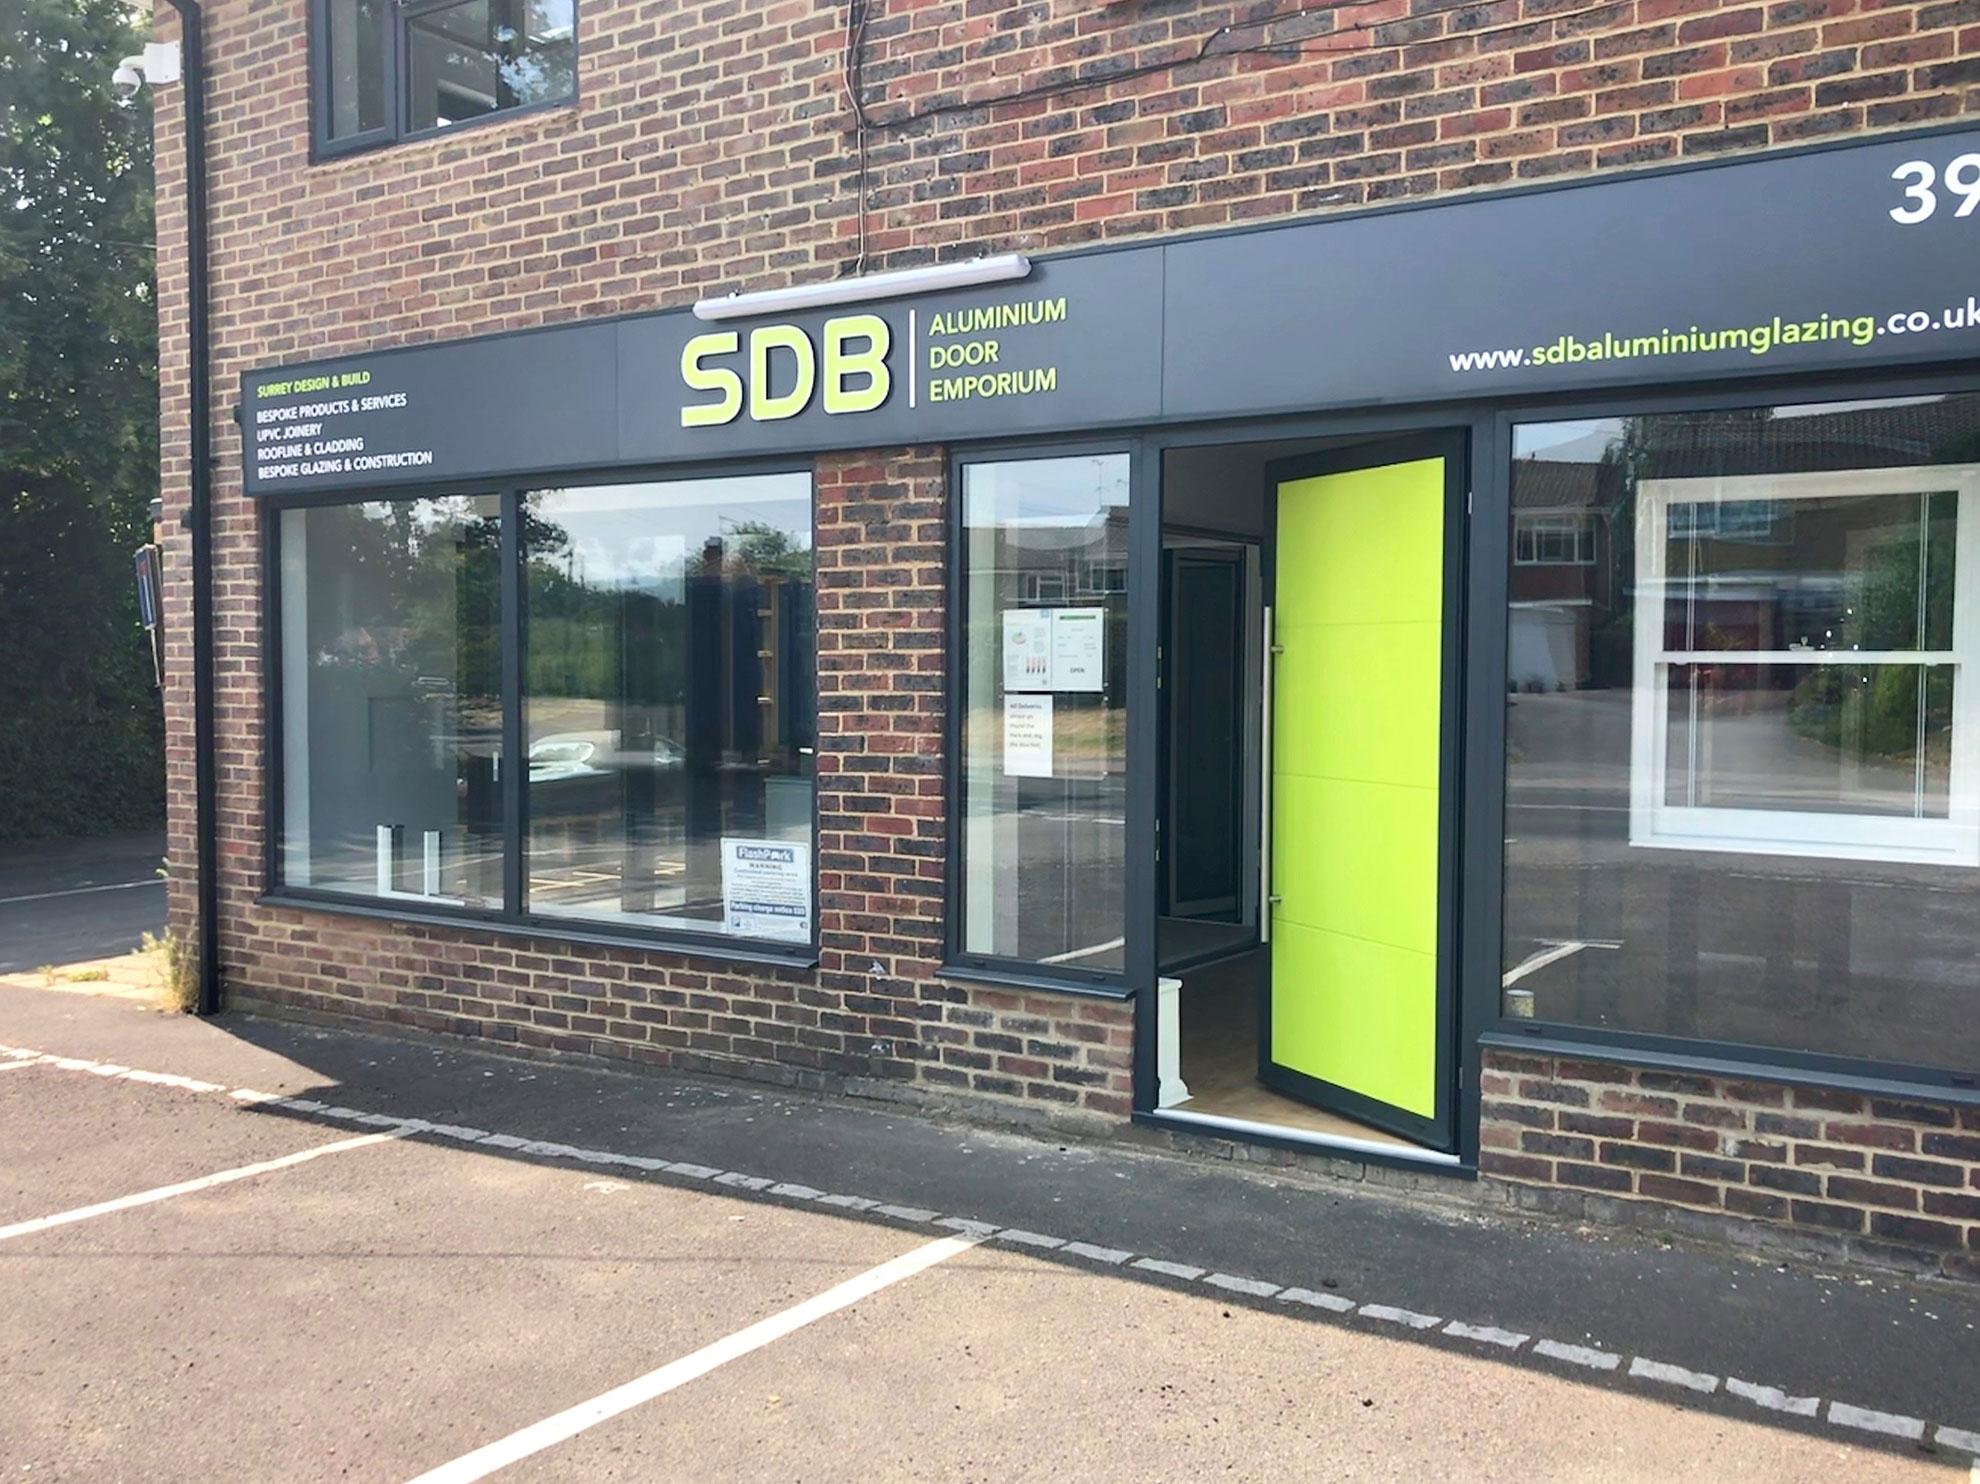 Exterior of SDB Aluminium building